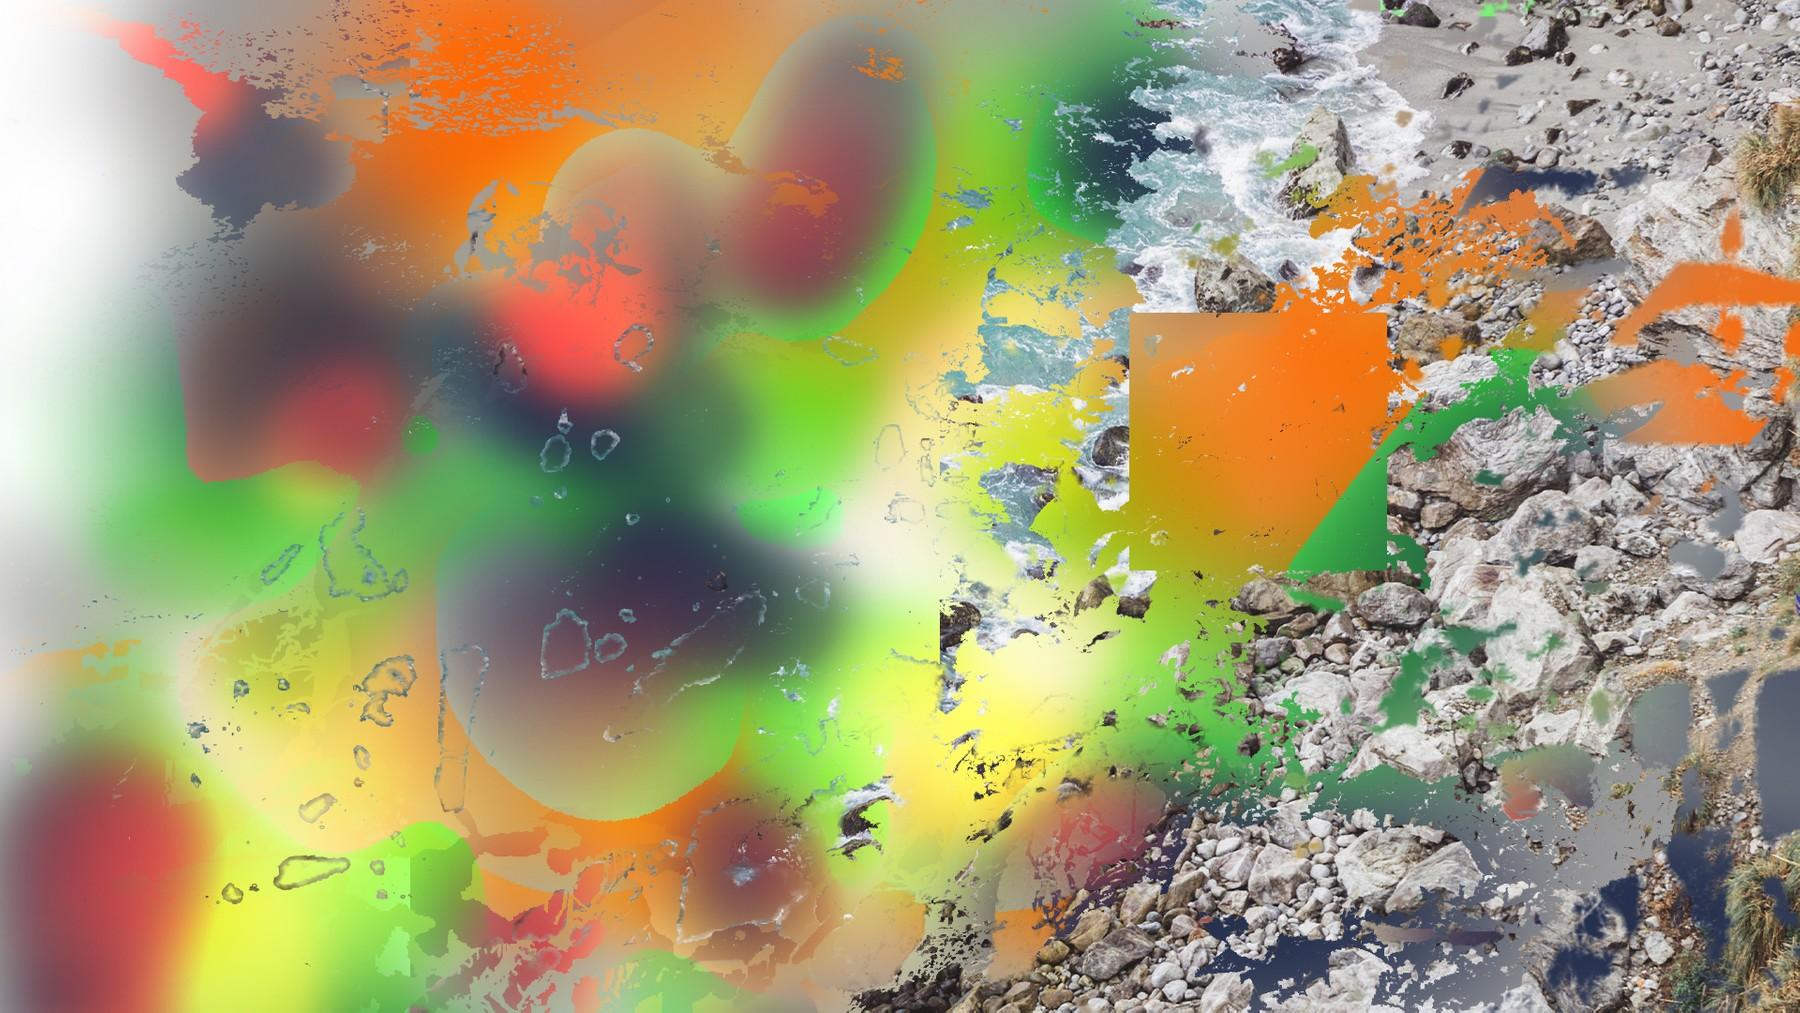 Texture by Noah Baker